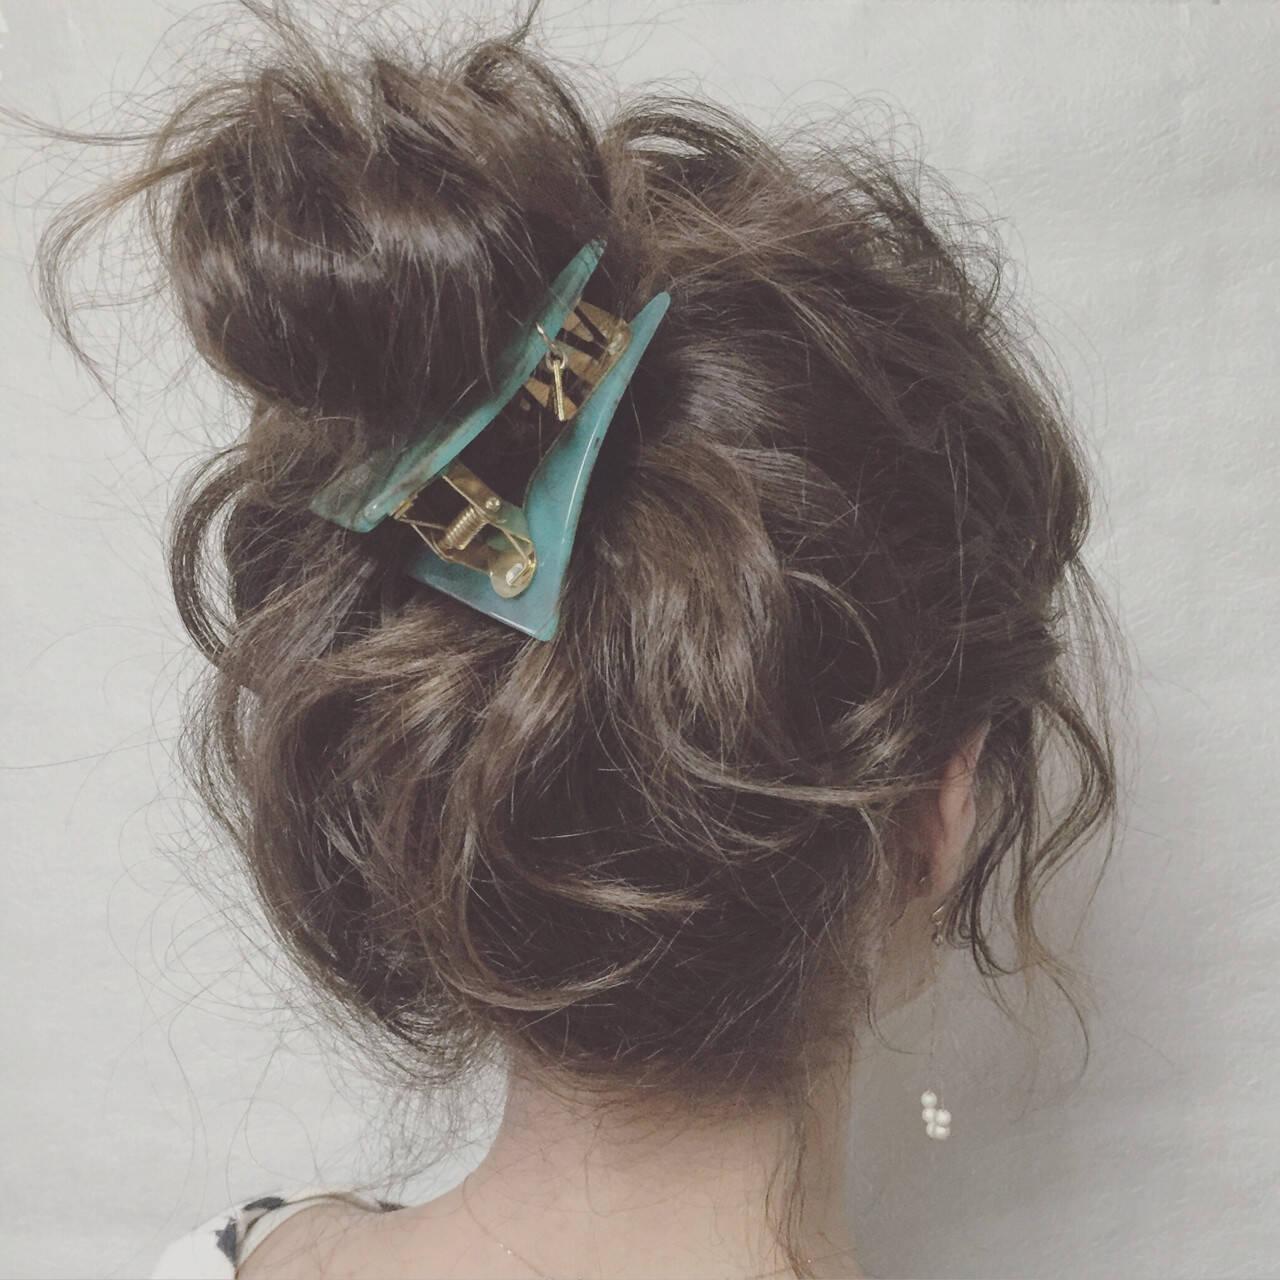 ショート ミディアム 簡単ヘアアレンジ 三角クリップヘアスタイルや髪型の写真・画像